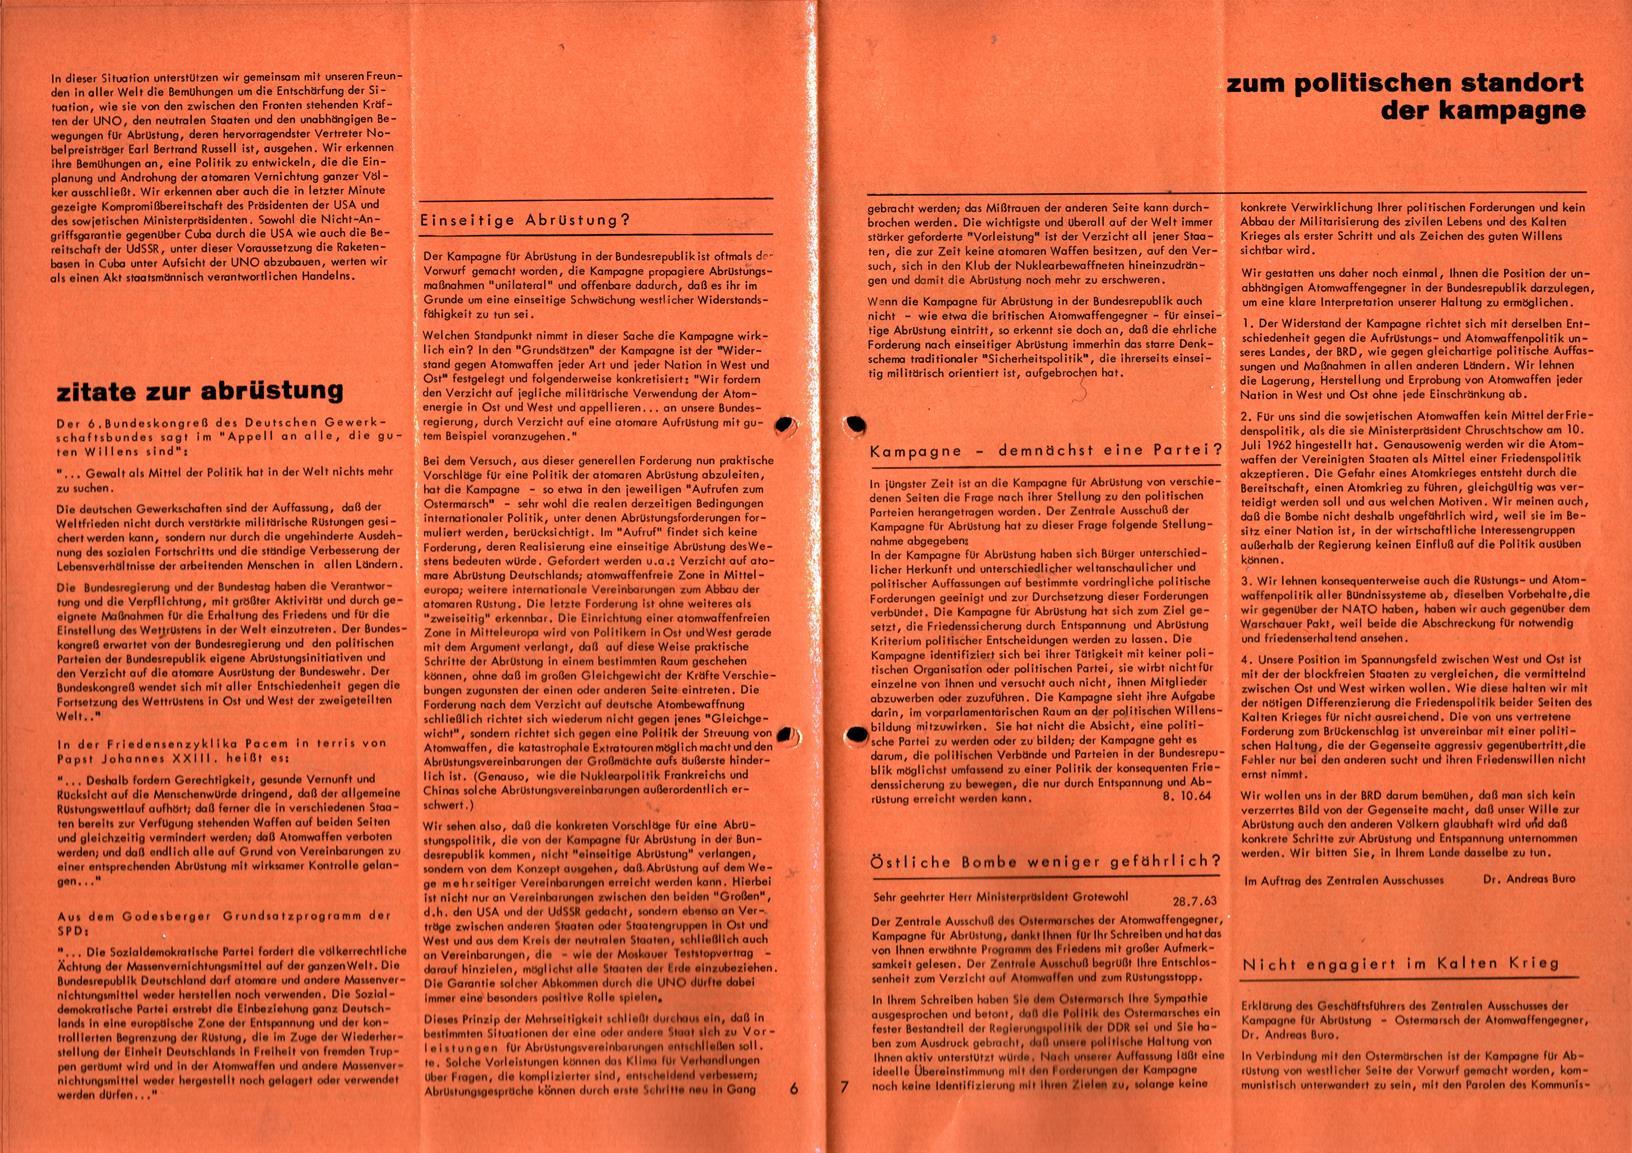 Infos_zur_Abruestung_1964_Sonder_004